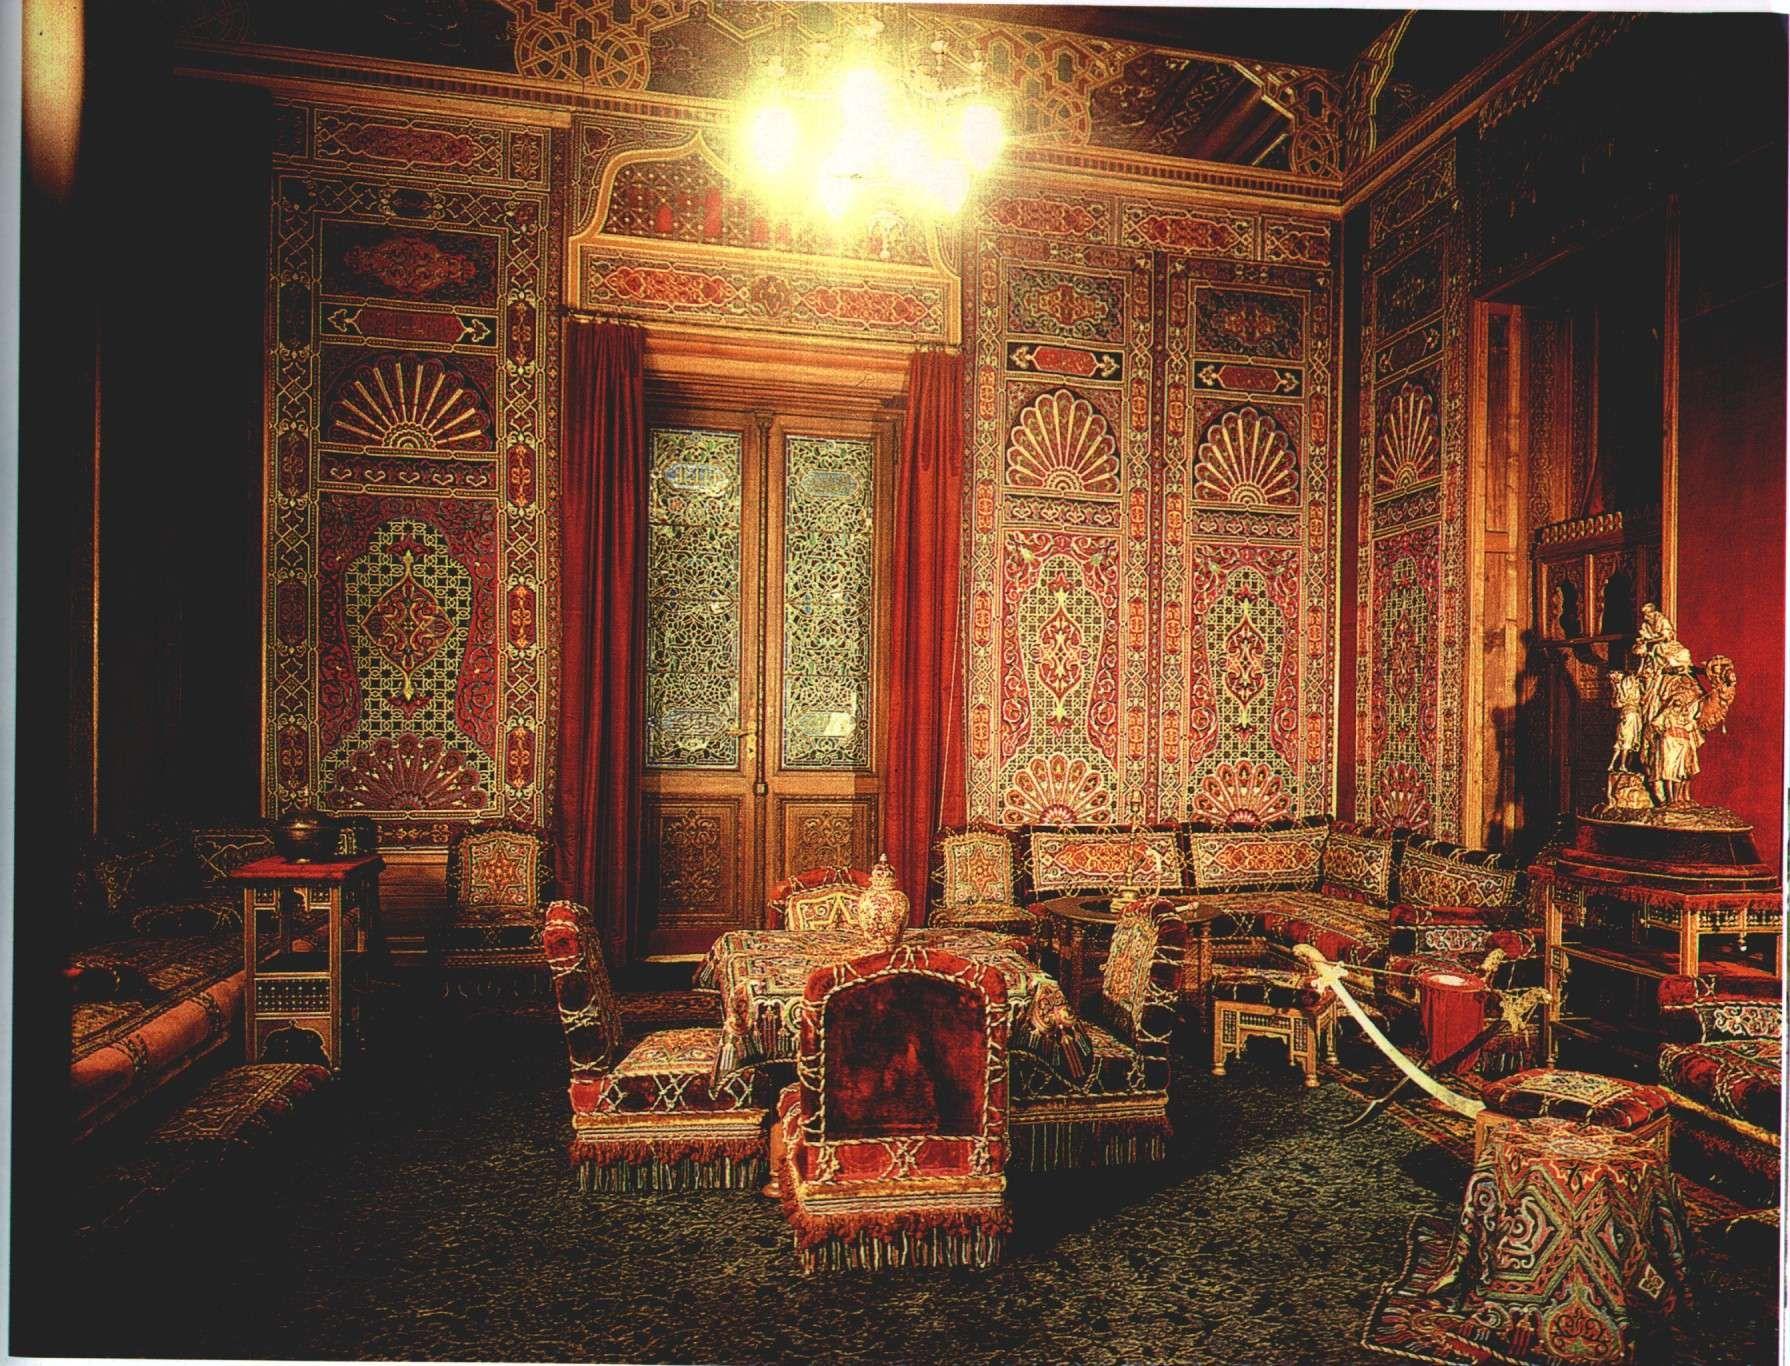 126 best peles castle images on pinterest | peles castle, palace